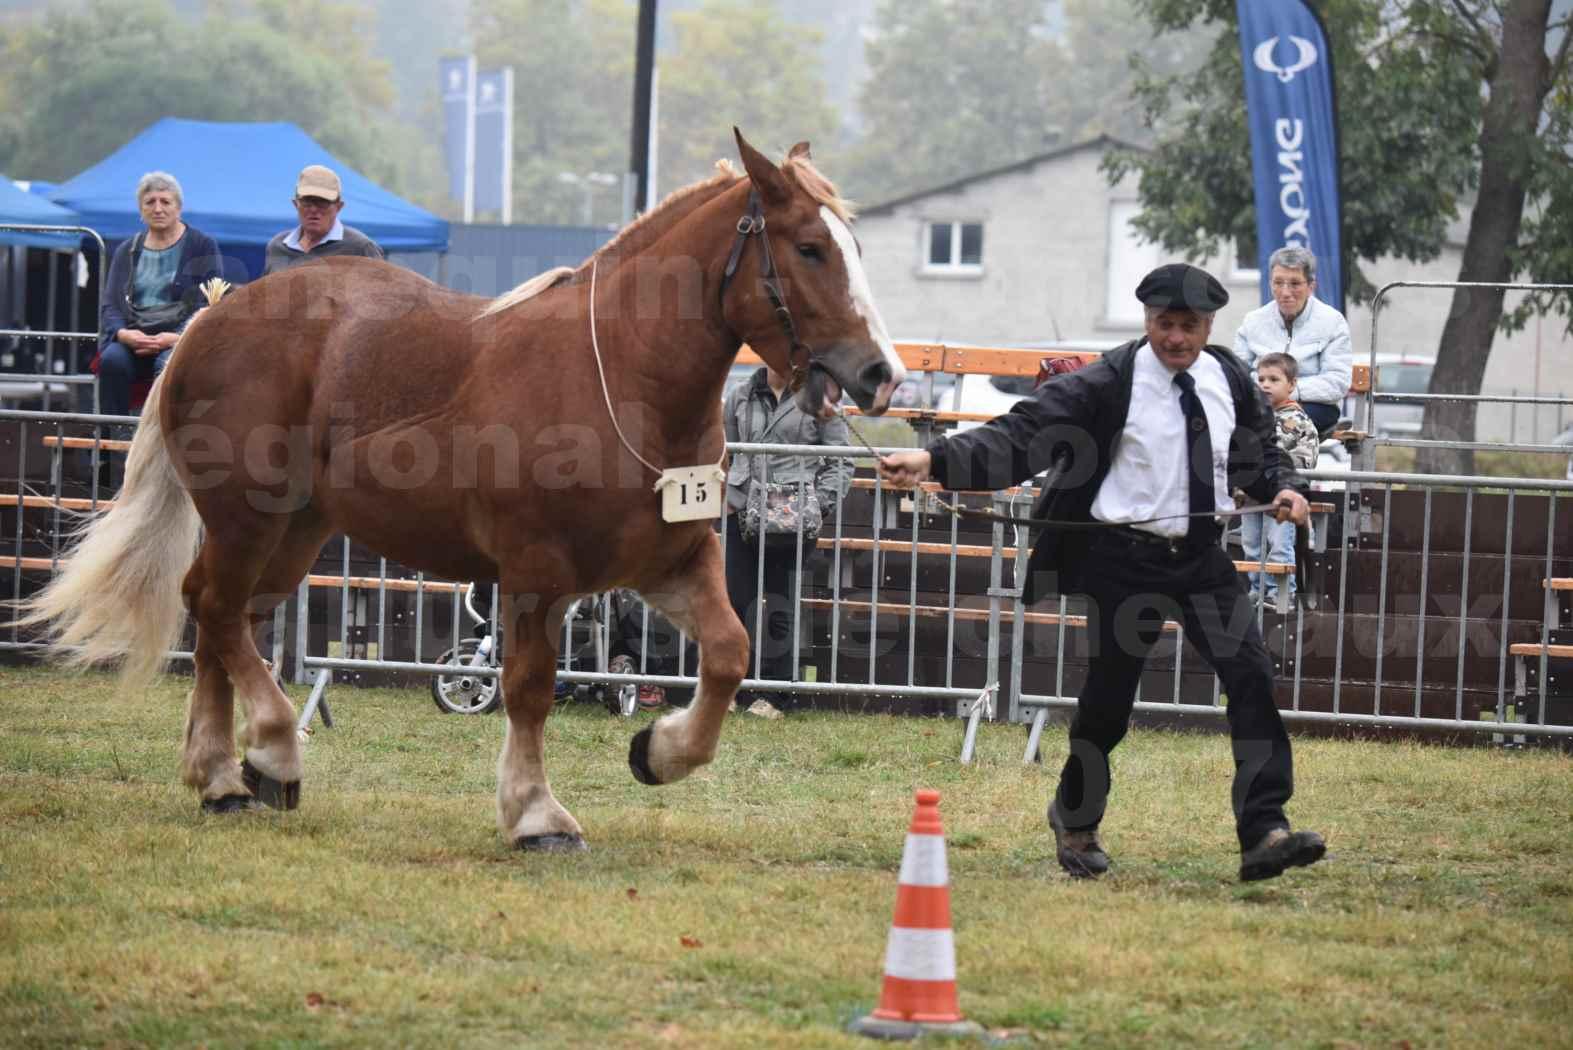 Concours Régional de chevaux de traits en 2017 - Trait BRETON - FLO DE LA MARGUE - 17